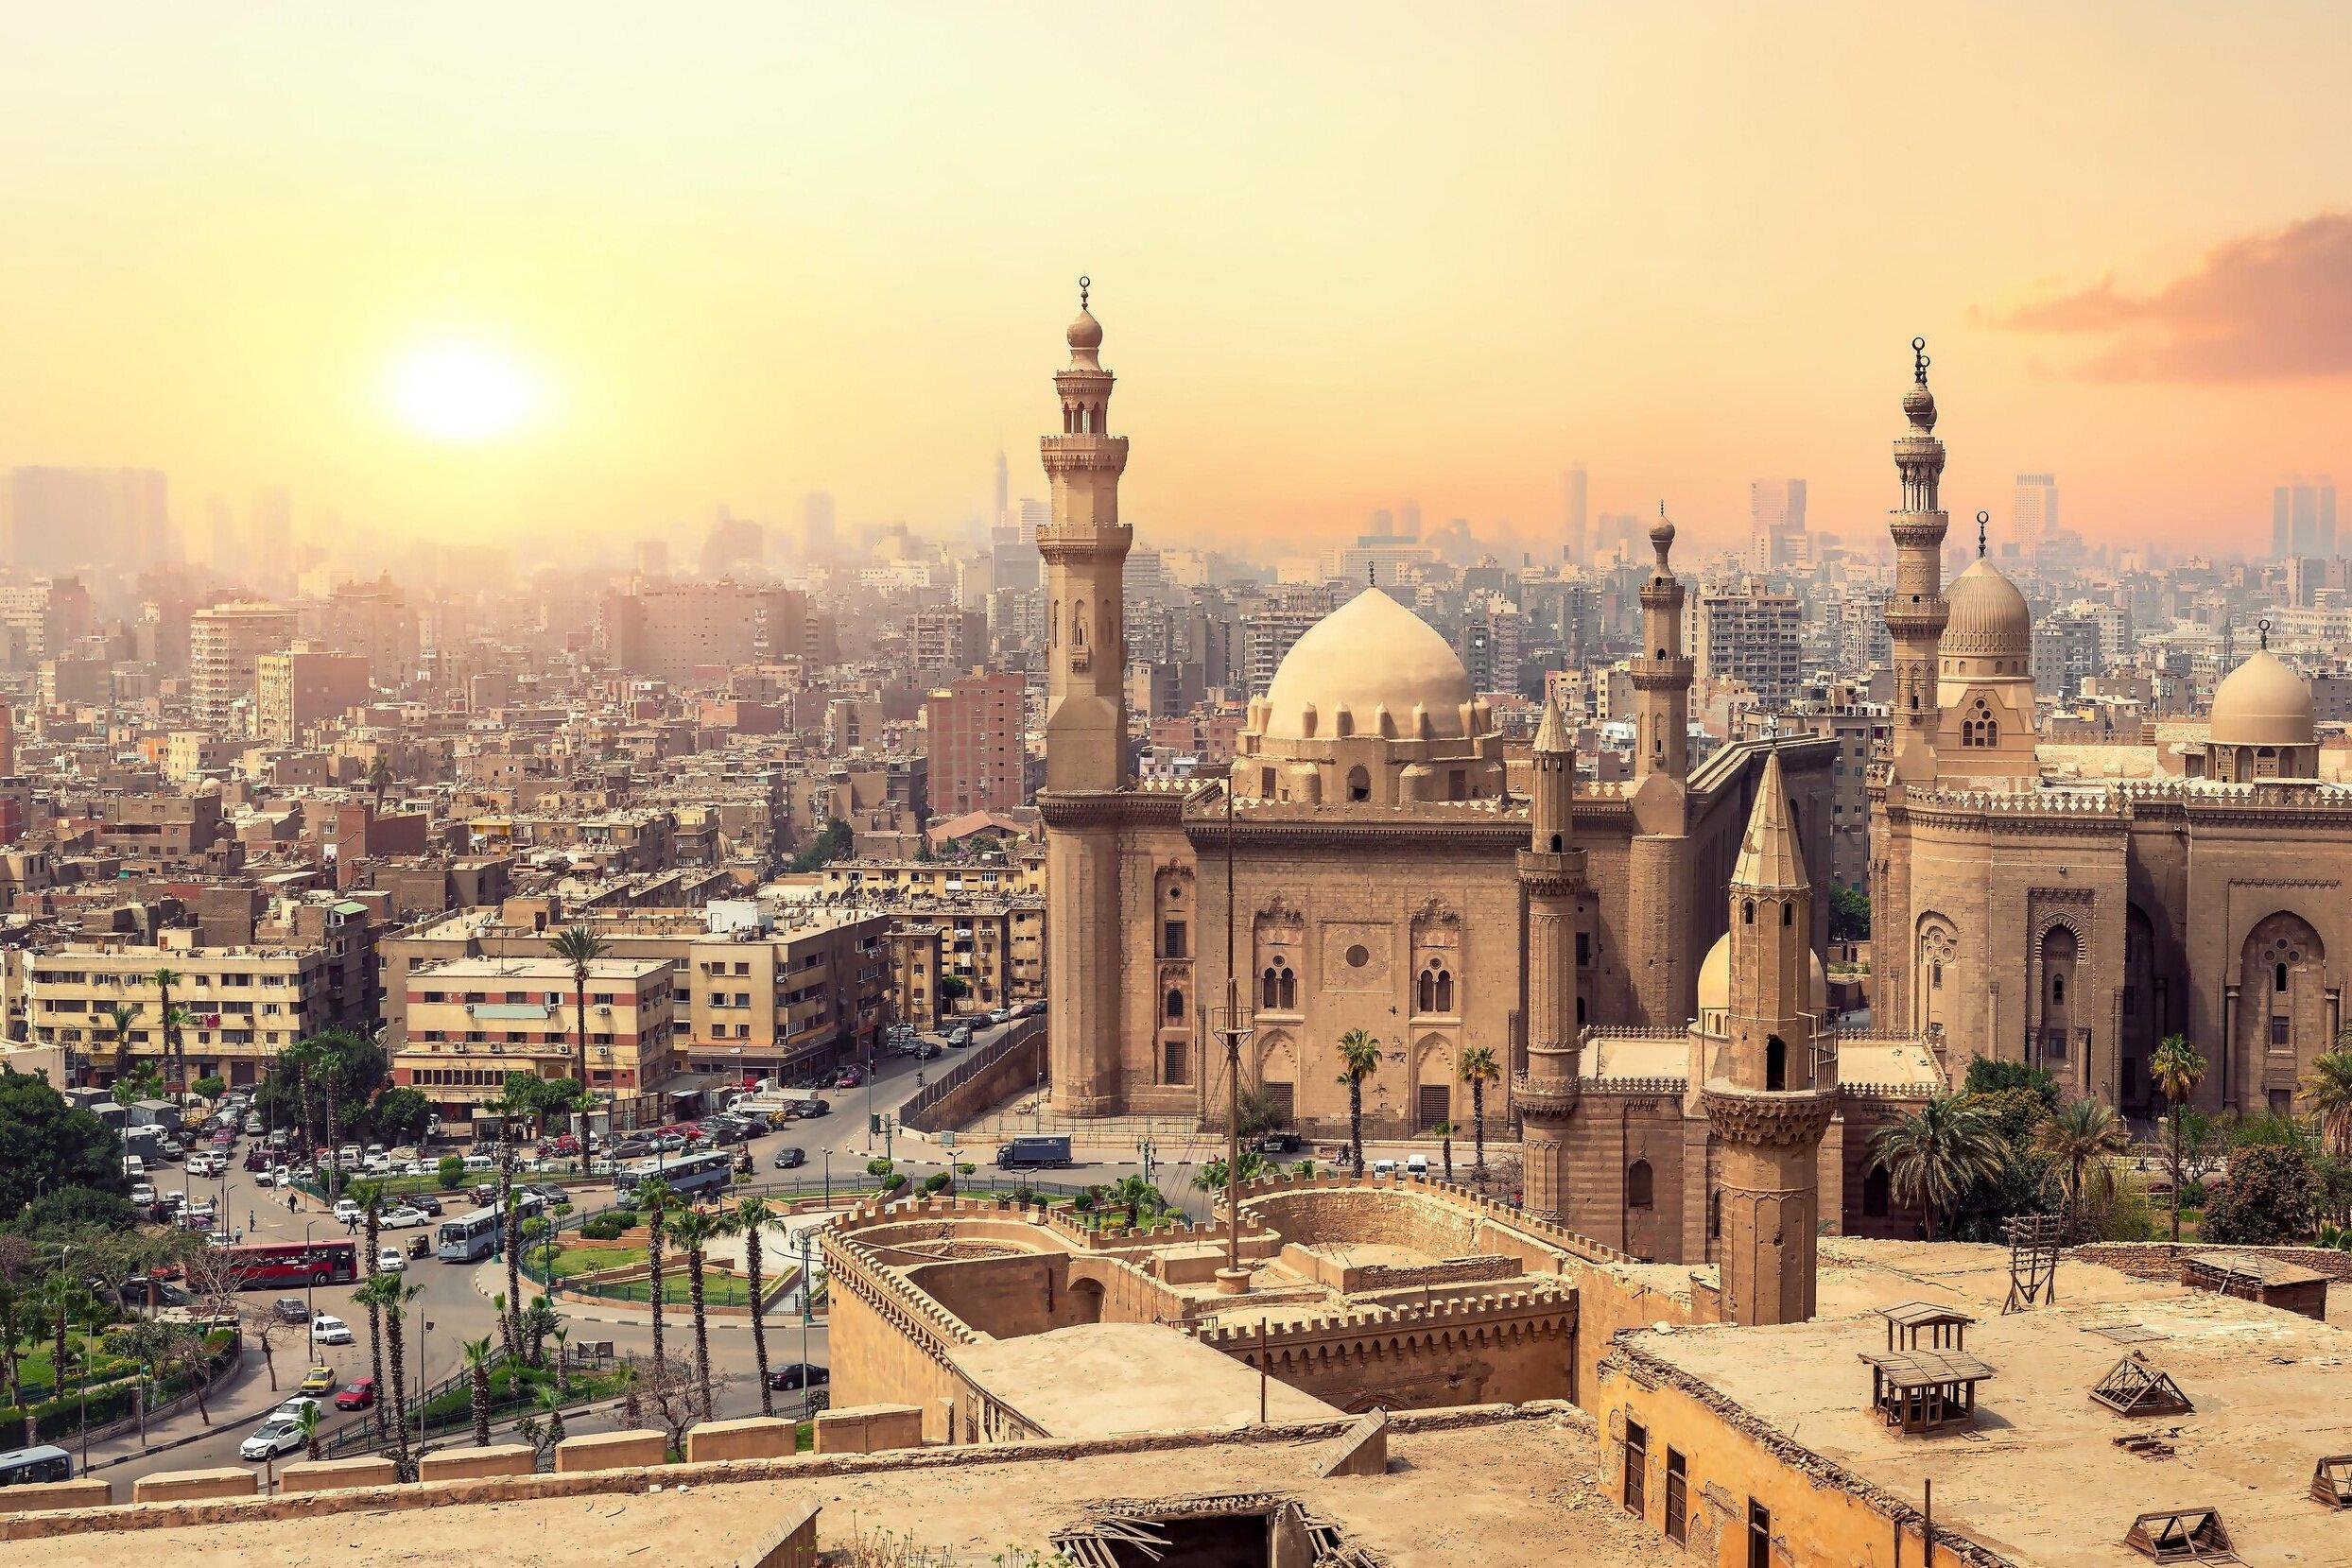 Cairo_AdobeStock.jpg